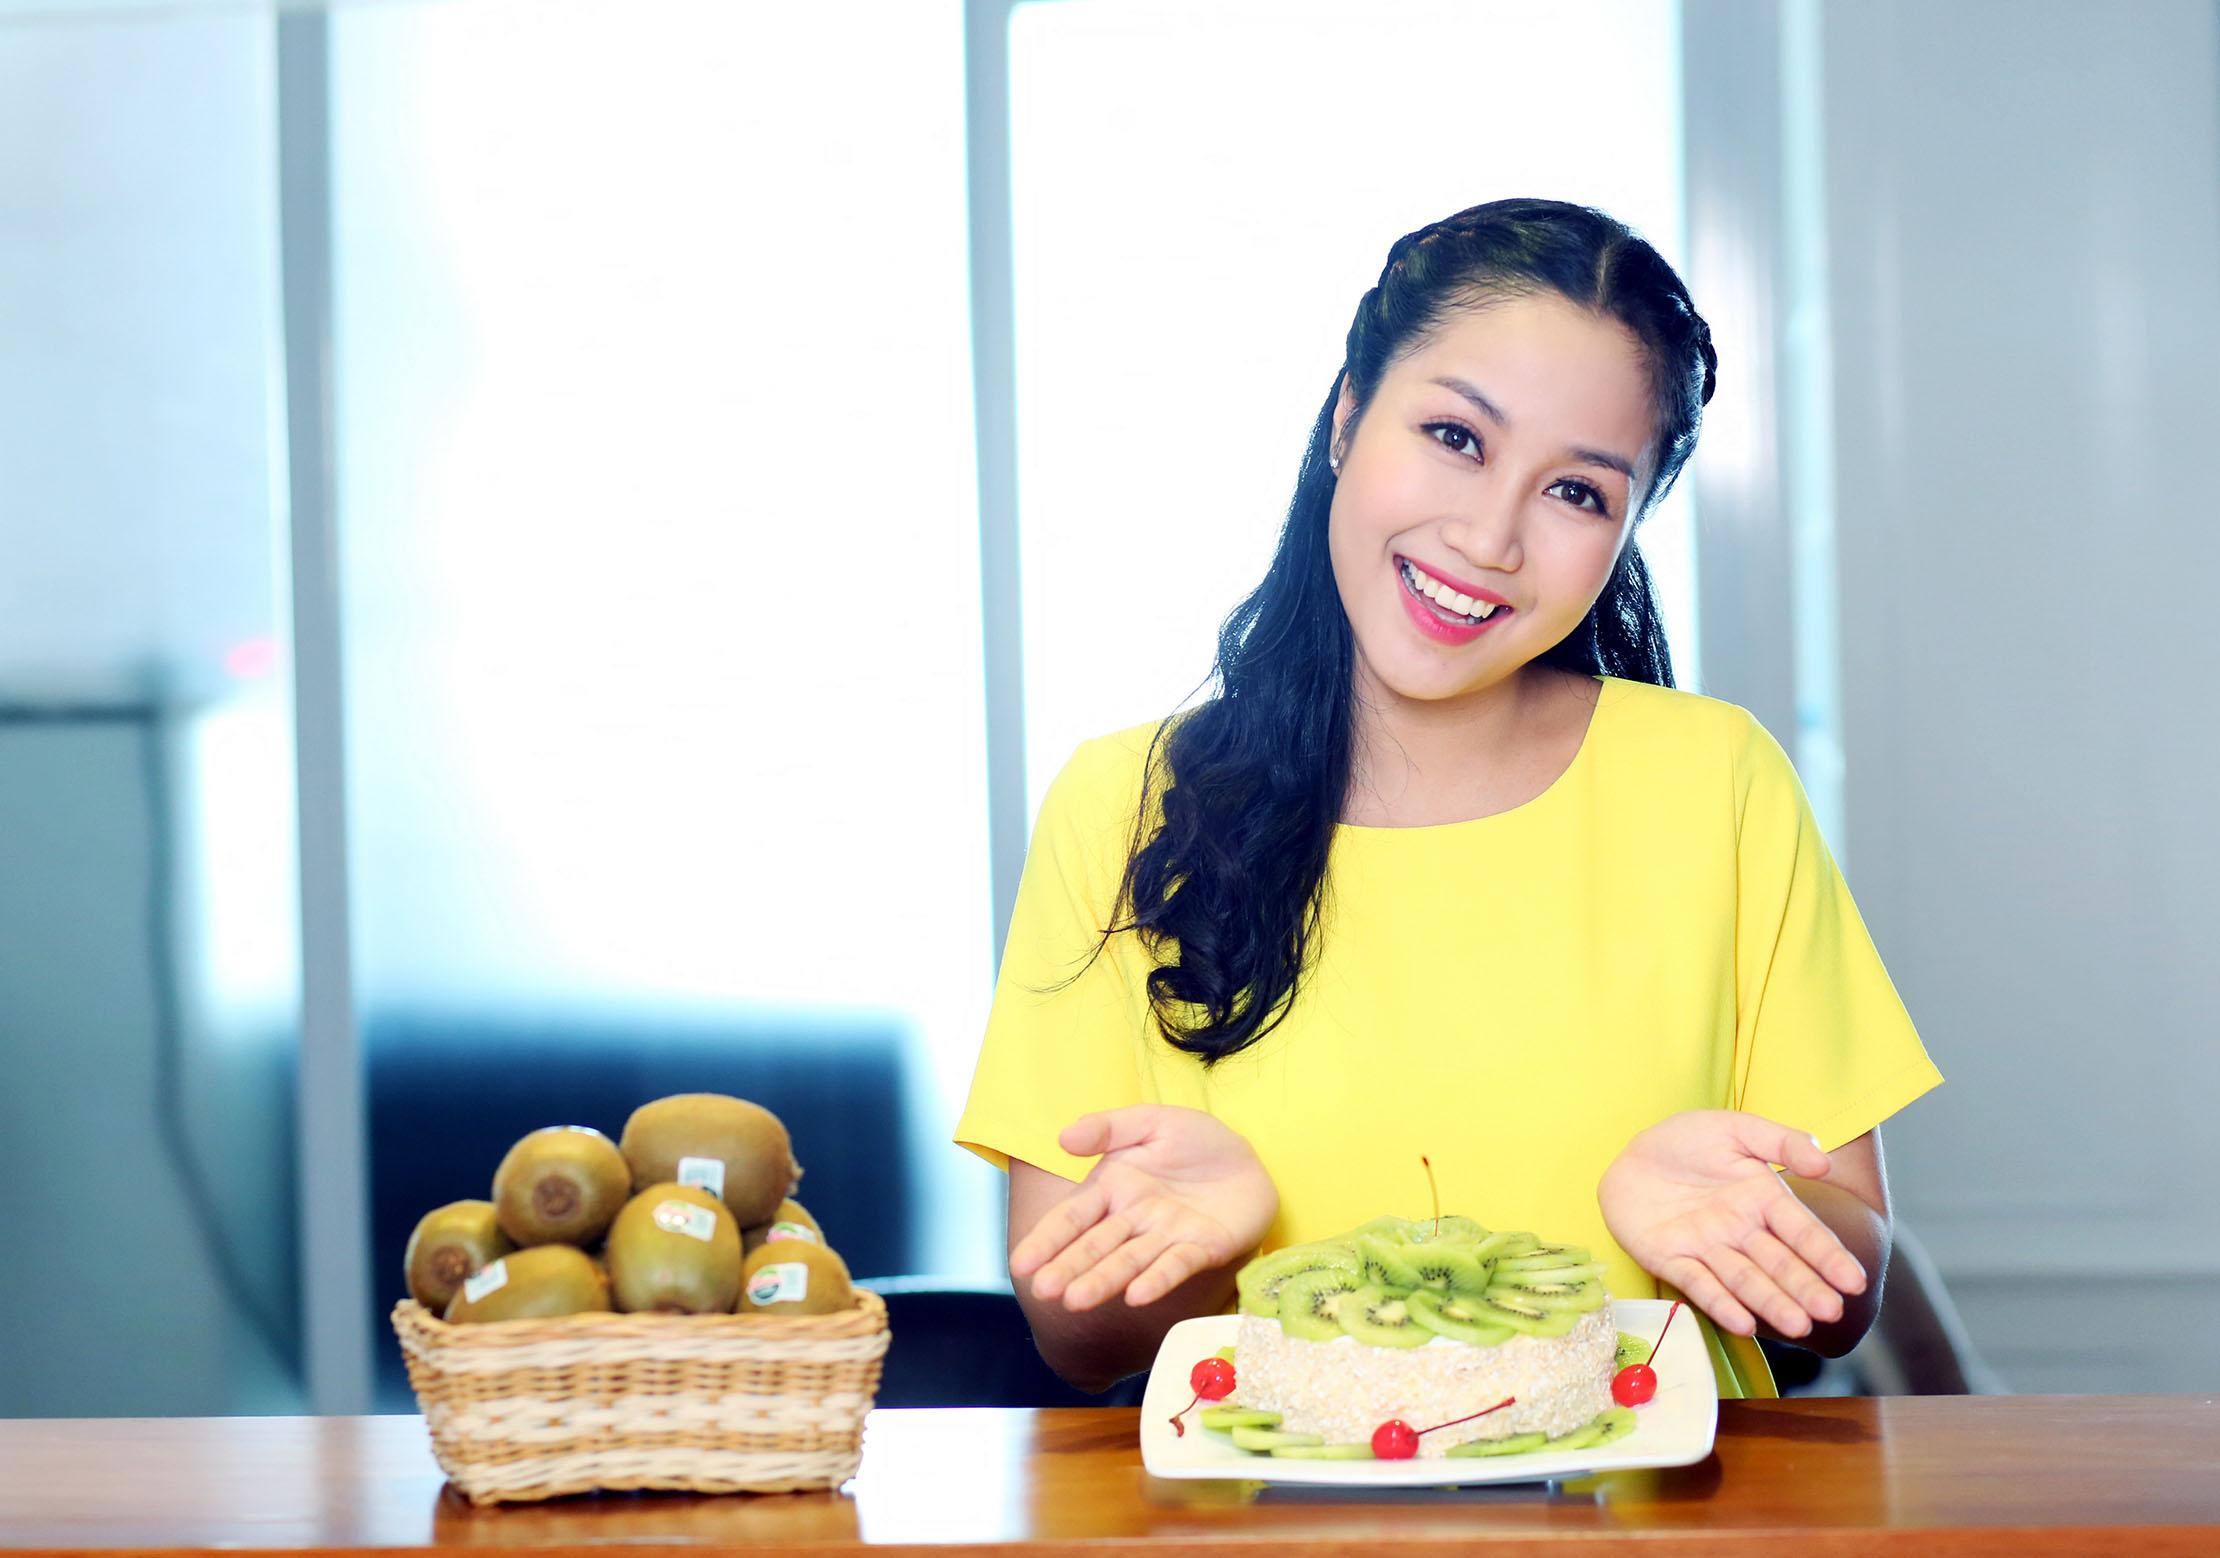 10 mẹo giảm cân nhanh cho những người bận rộn